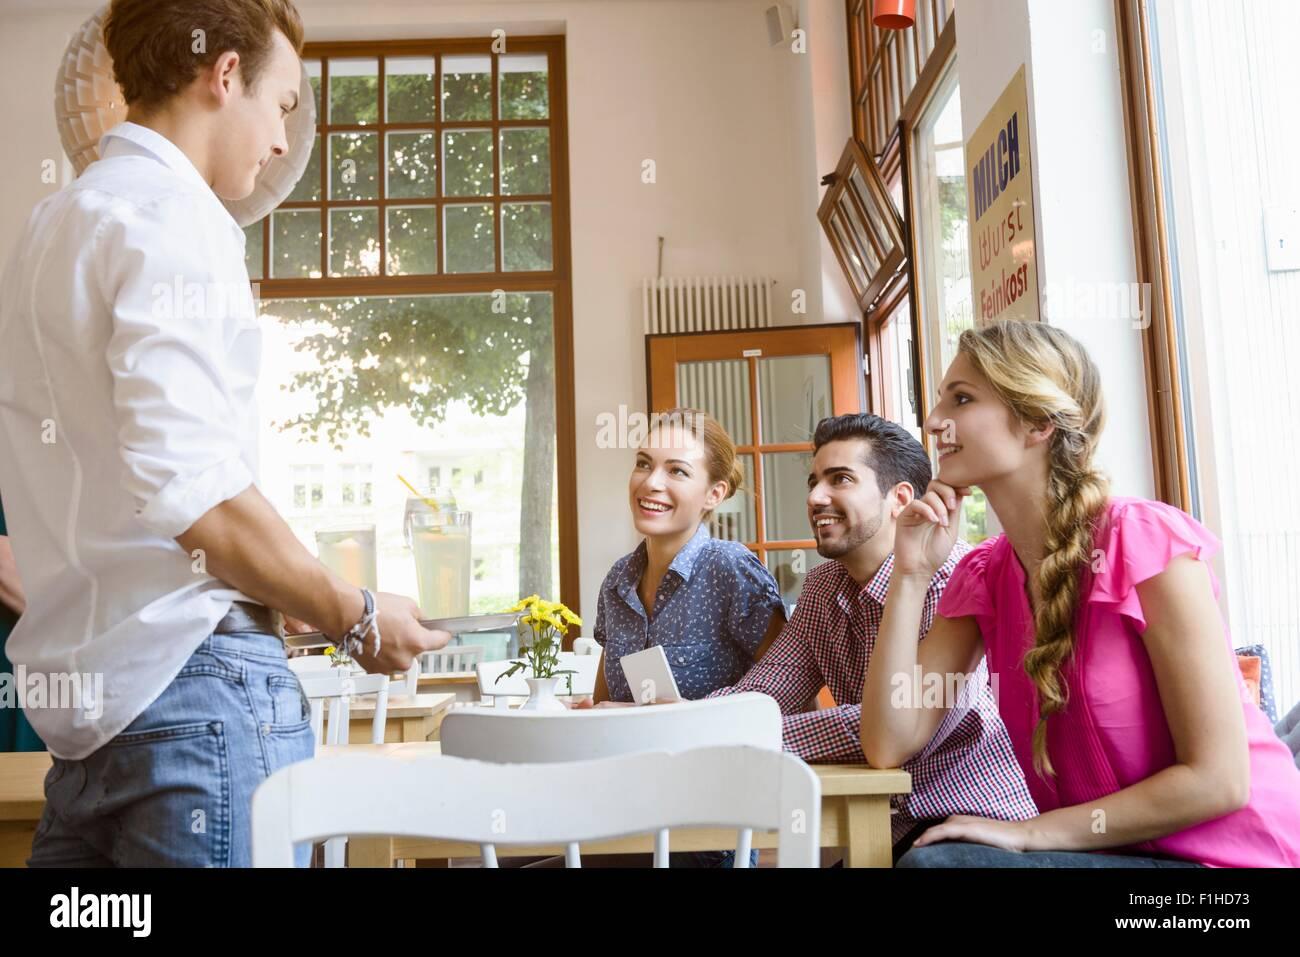 Camarero teniendo orden de amigos adultos jóvenes en cafe Imagen De Stock